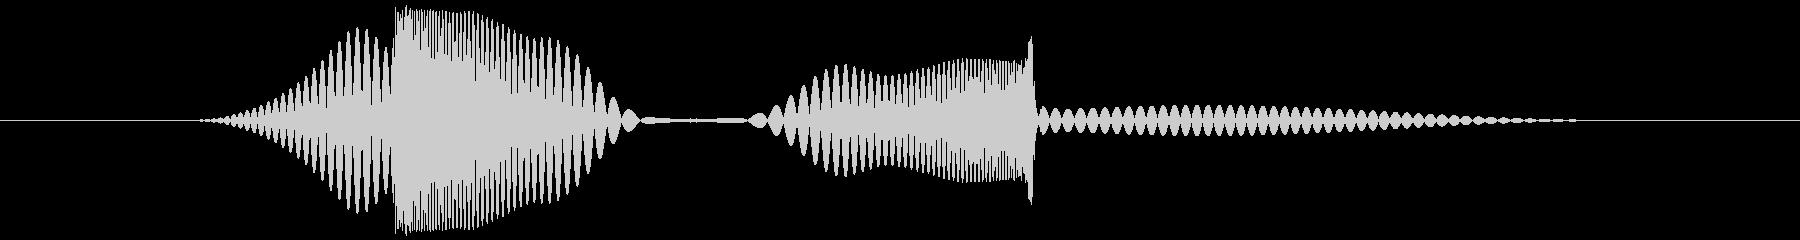 どっきゅん(ハートに響いた音)の未再生の波形